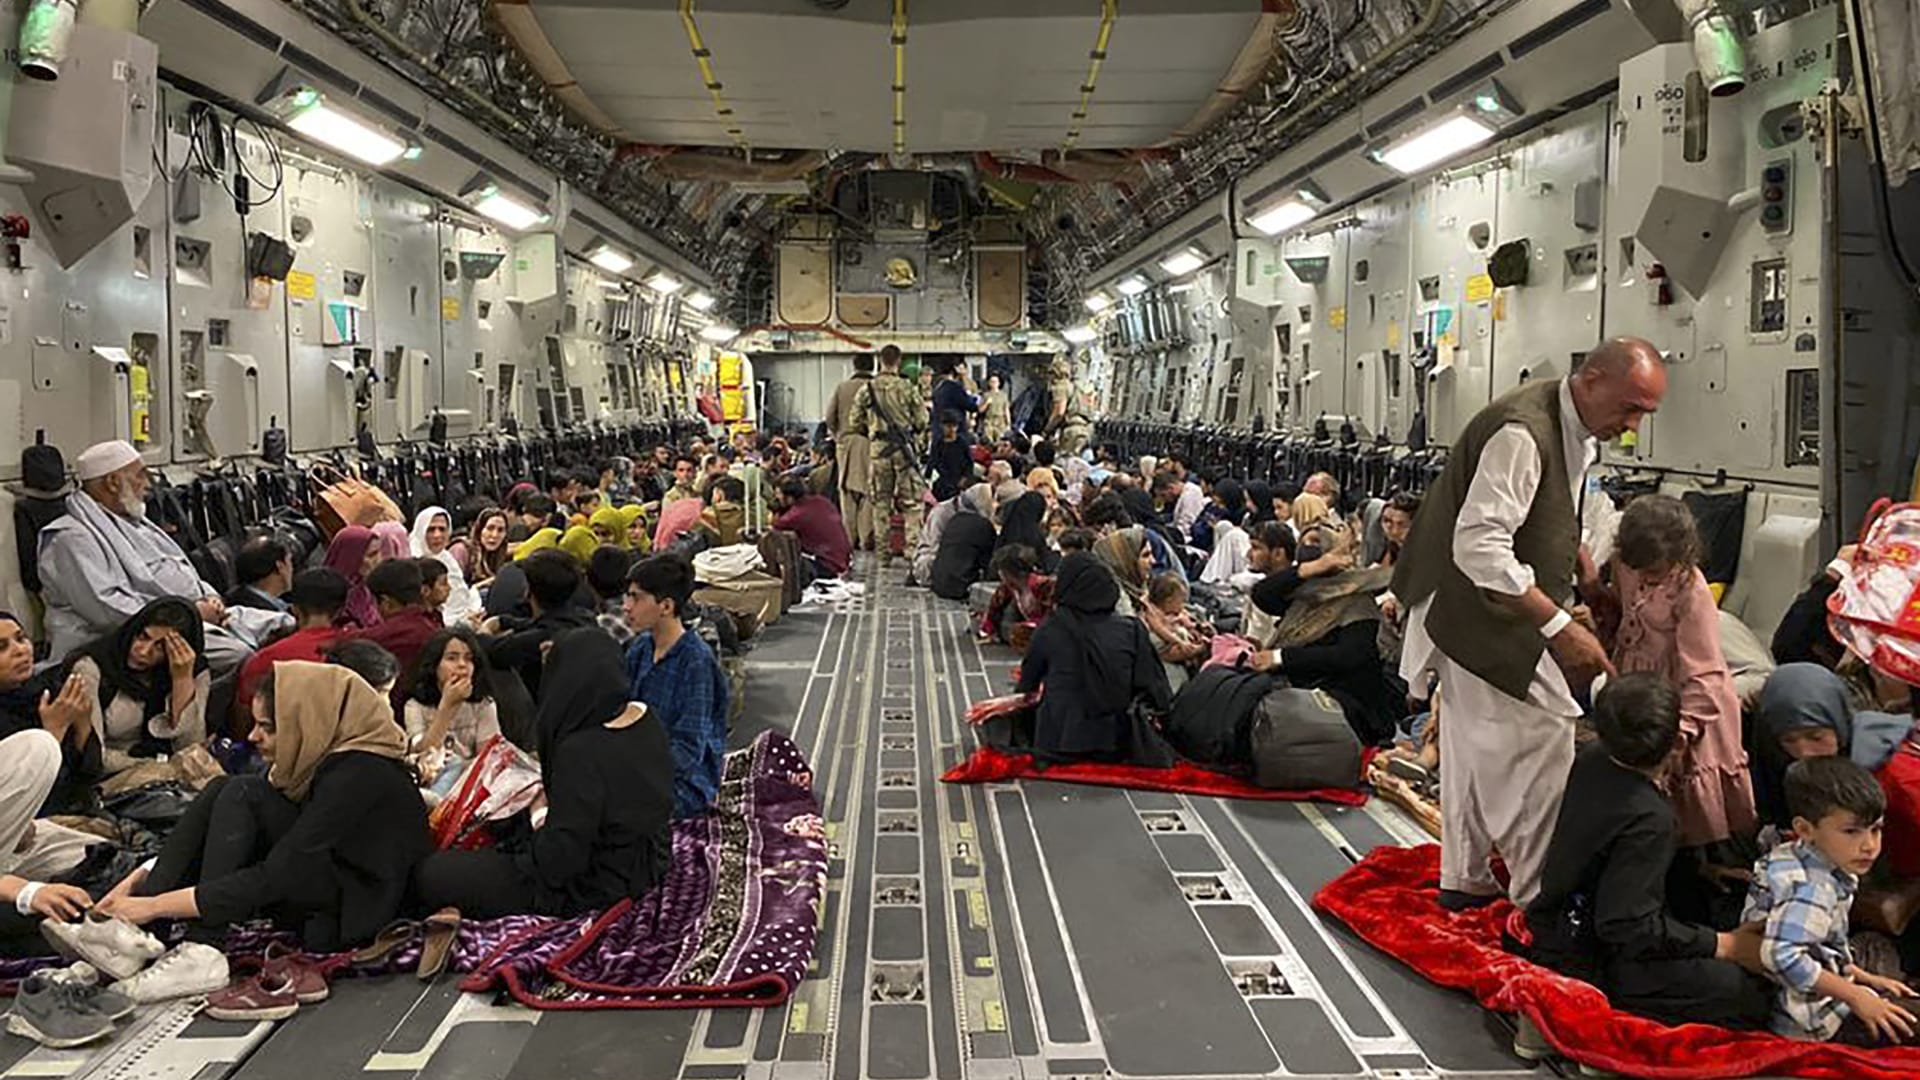 كلاريسا وارد عن حال الأفغانين العالقين في مطار كابول: البقاء للأفضل